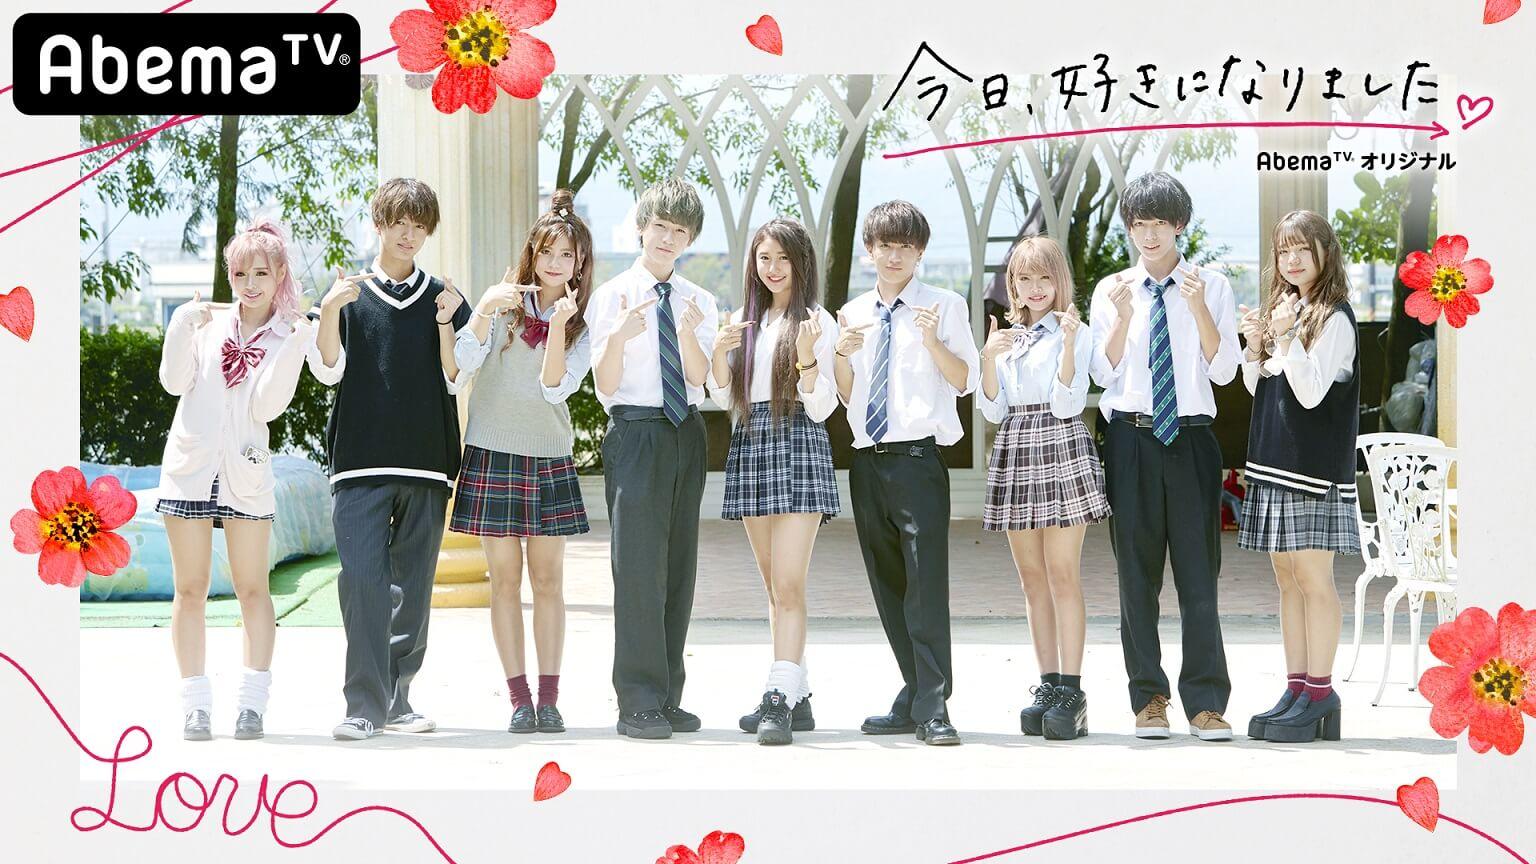 『今日、好きになりました。台湾編』AbemaSPECIALにて10月7日より放送開始!